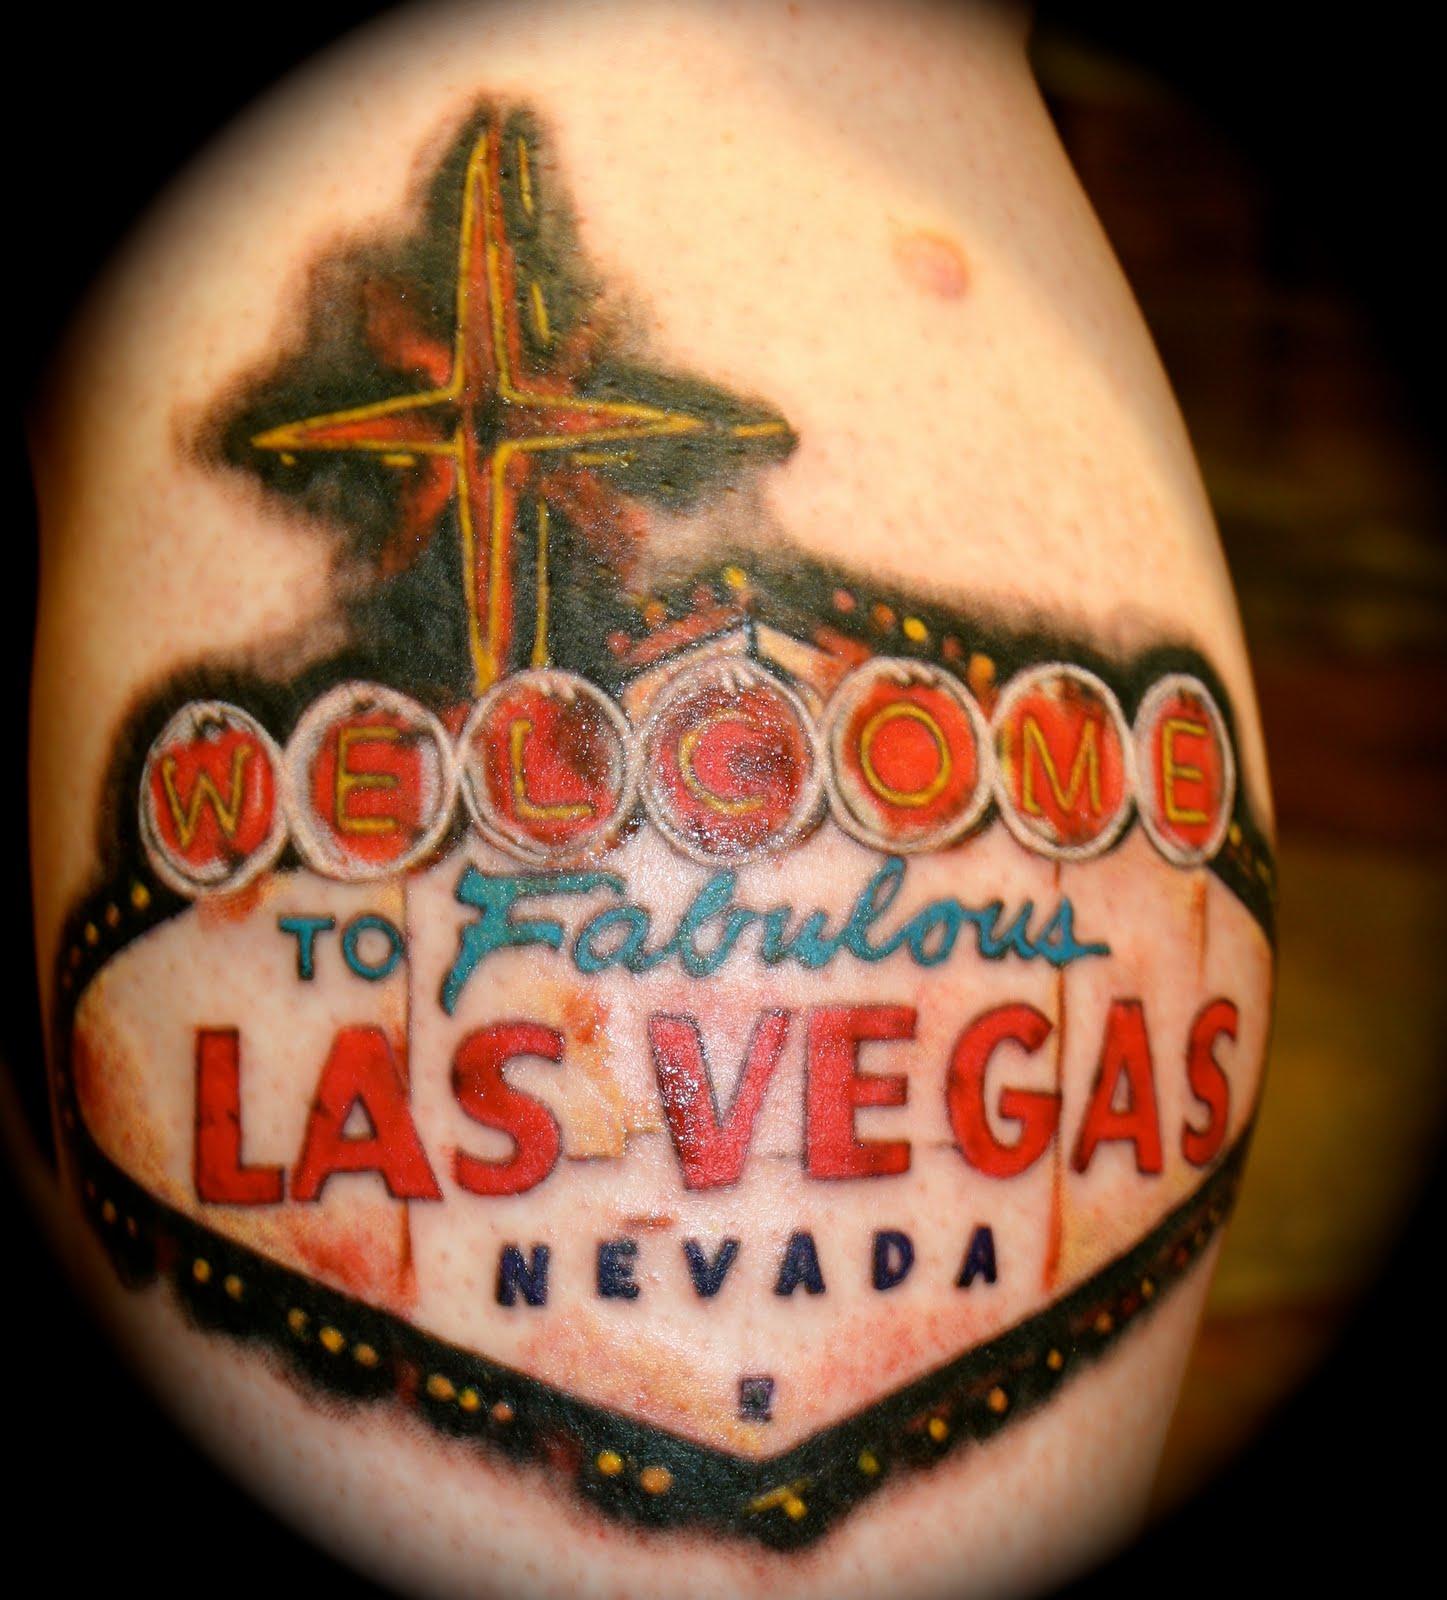 Miss kitty tattoos art and happenings viva las vegas for Las vegas tattoo